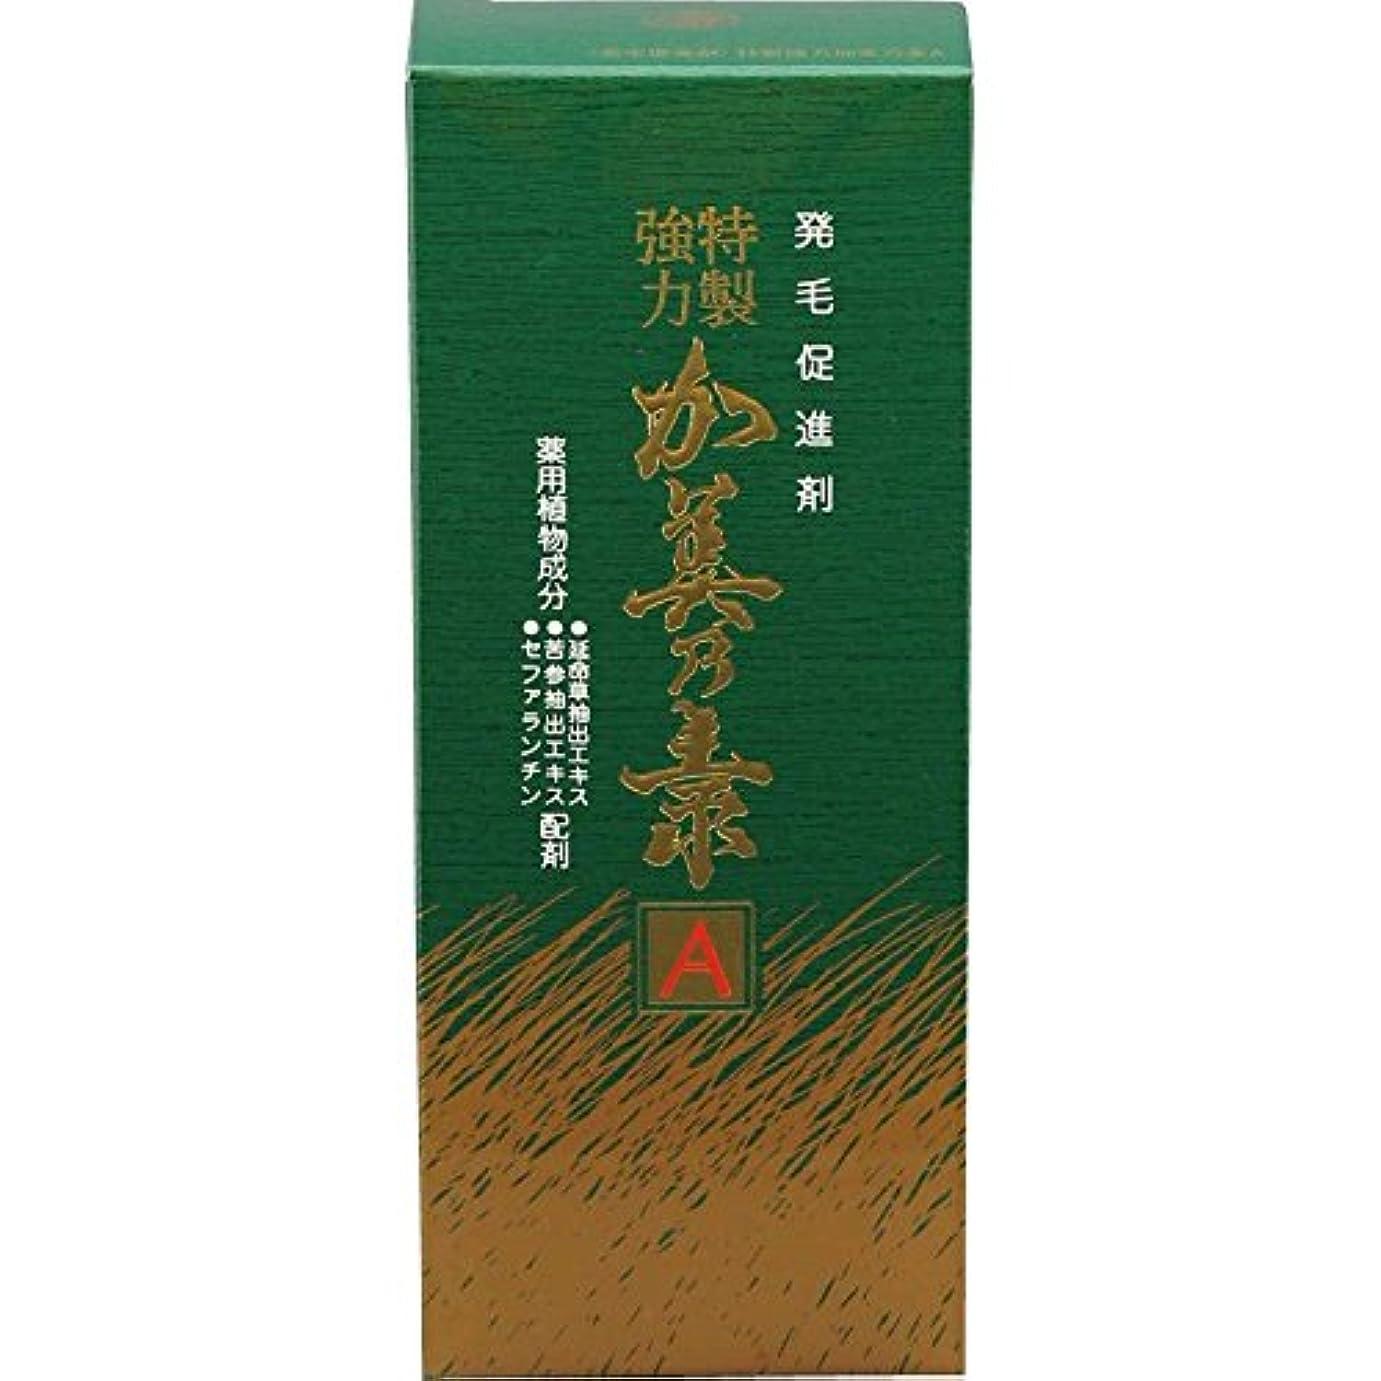 抜粋蒸留する輸送特製強力加美乃素A フレッシュシトラスの香り 180mL×6個